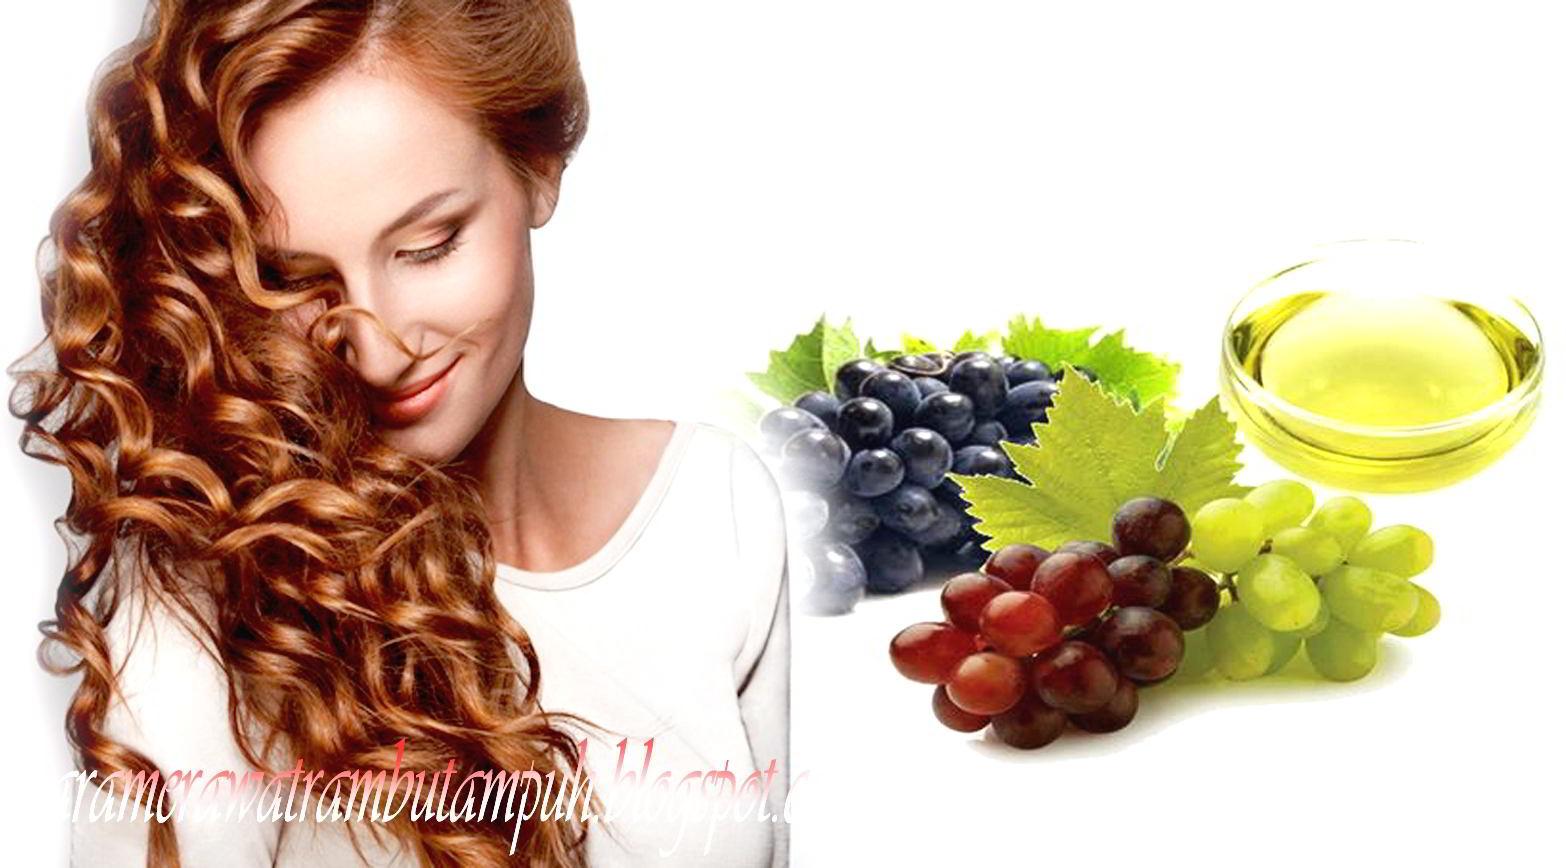 Menggunakan Minyak dari Biji Anggur Untuk Menjaga Kesehatan Rambut